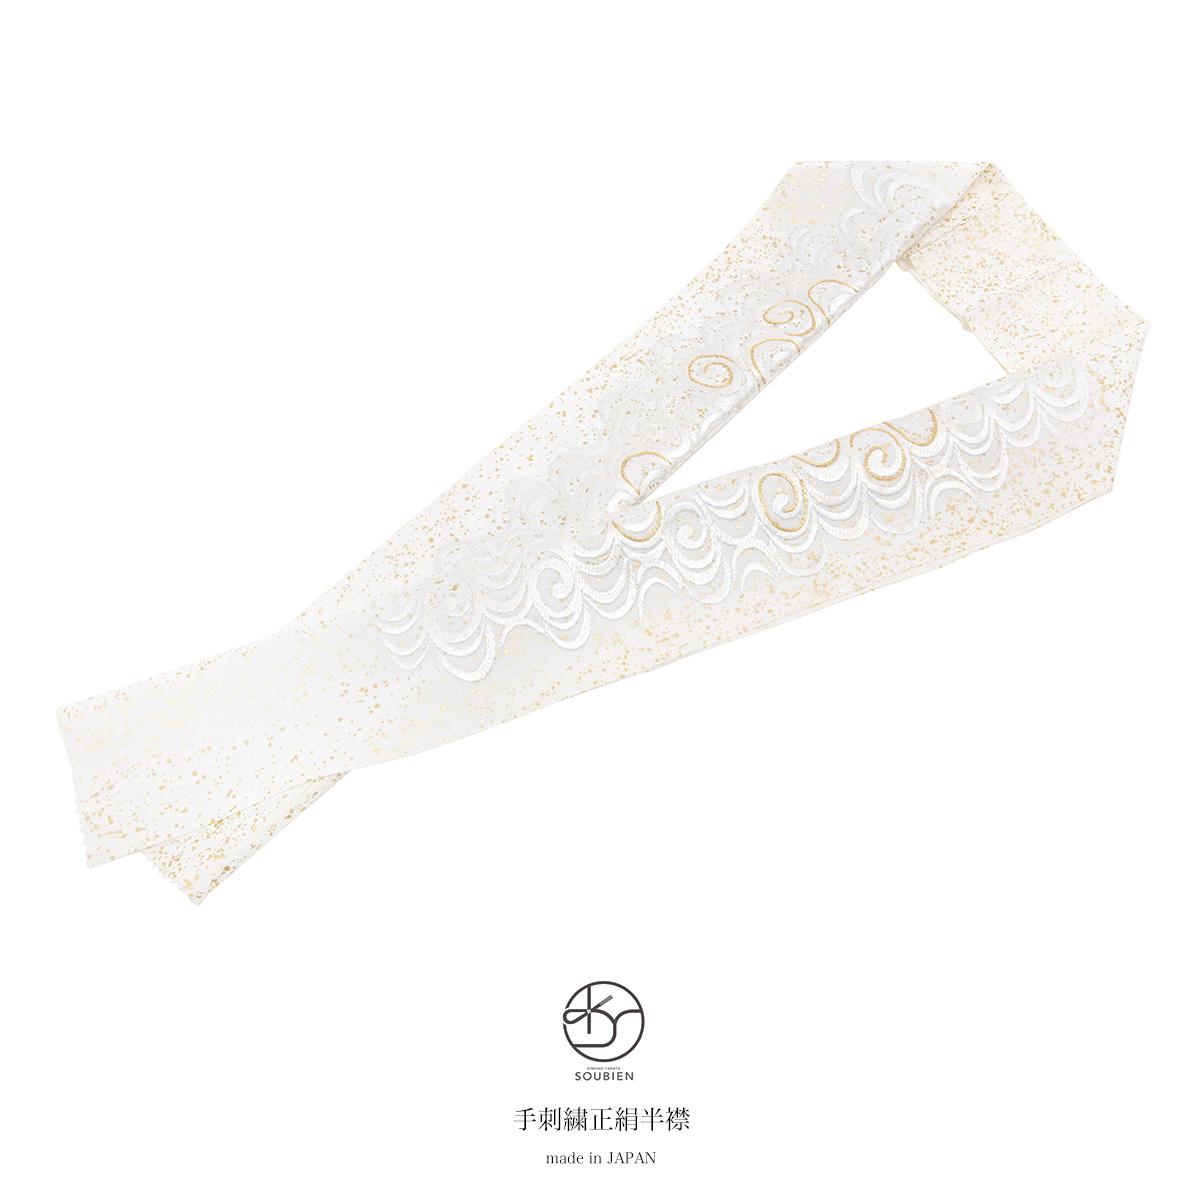 成人式や結婚式におススメな豪華な刺繍入り半衿